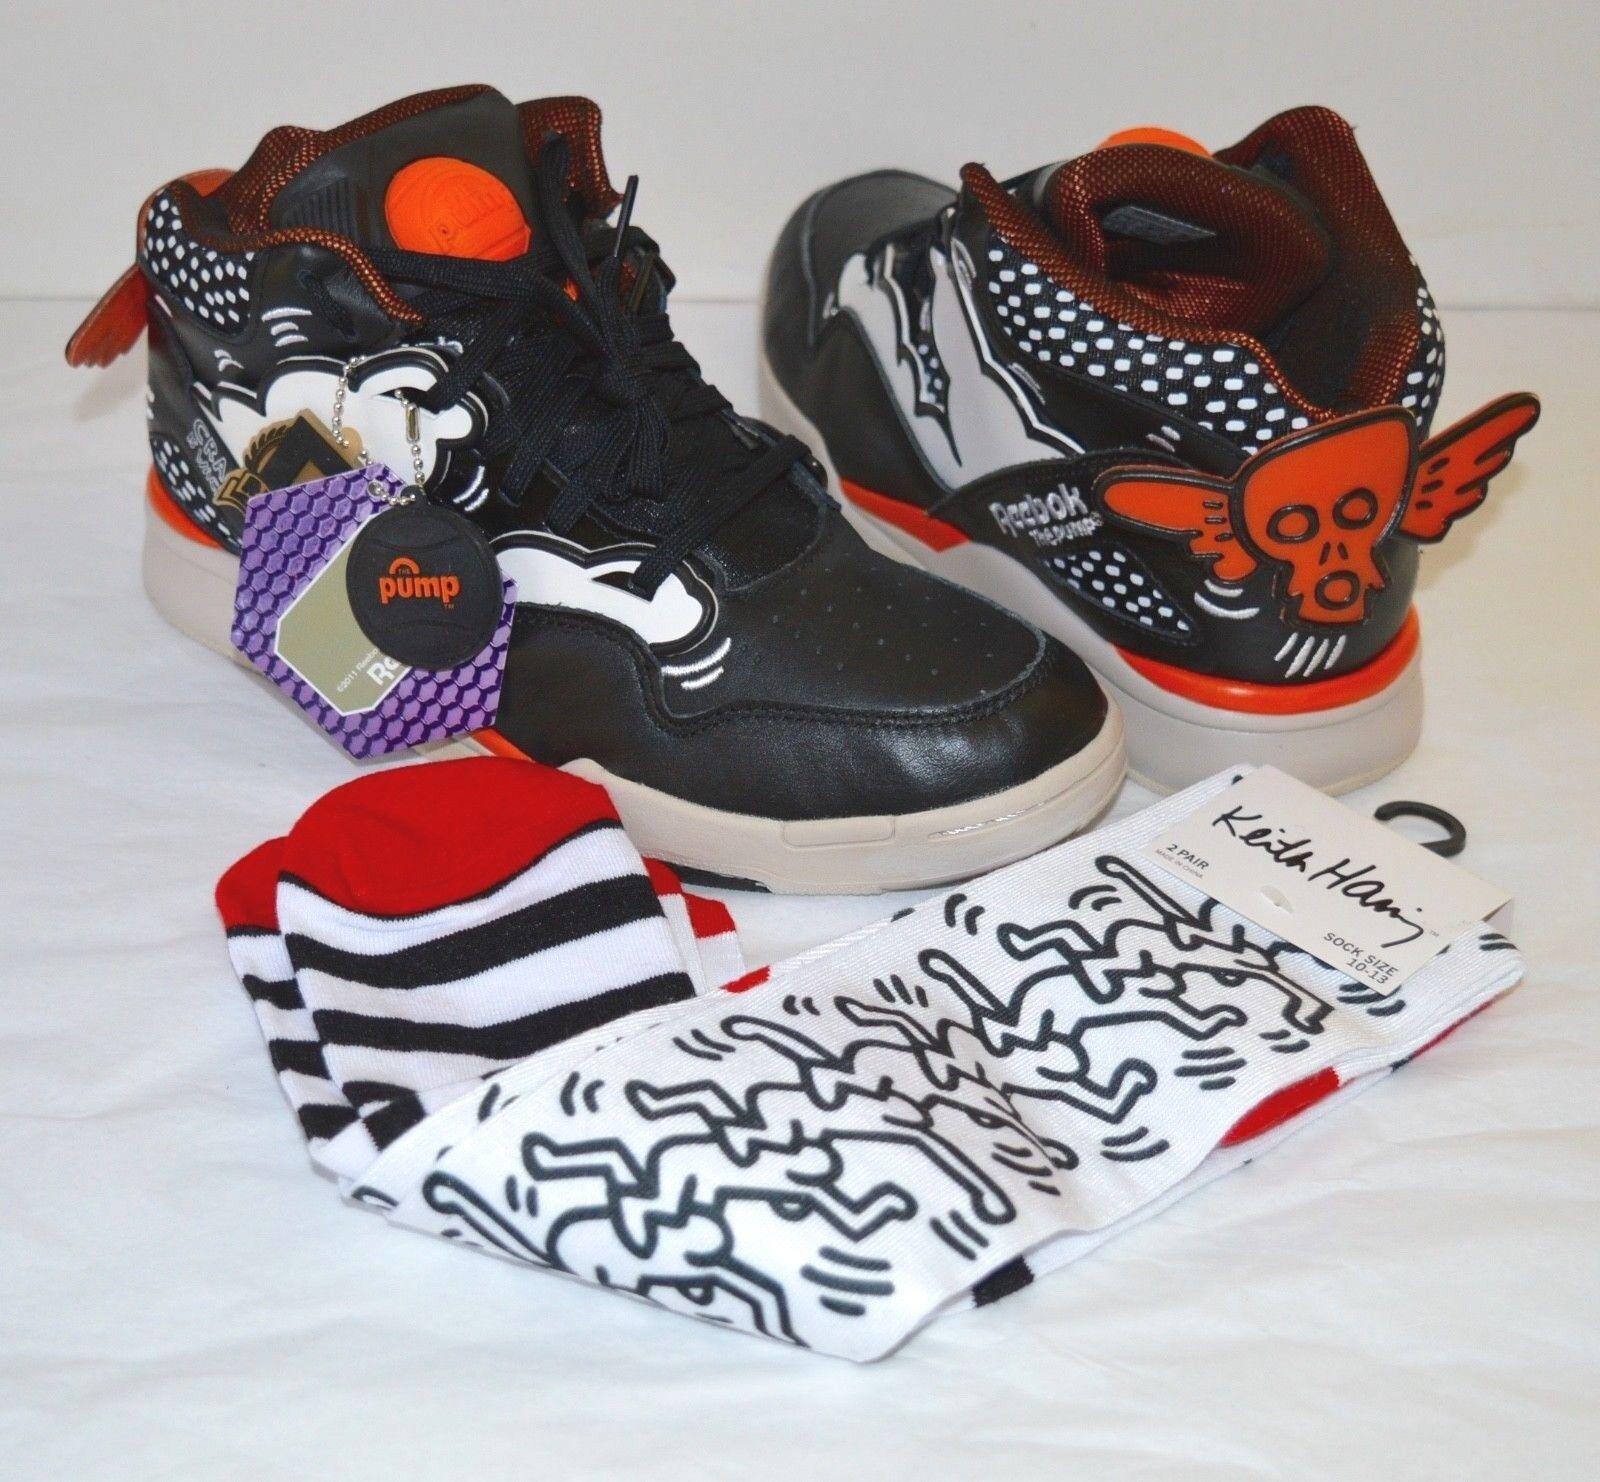 New  Reebok Omni Lite Pump Keith Haring nero  Blazing arancia  bianca Art 8 w  Socks  negozio di moda in vendita